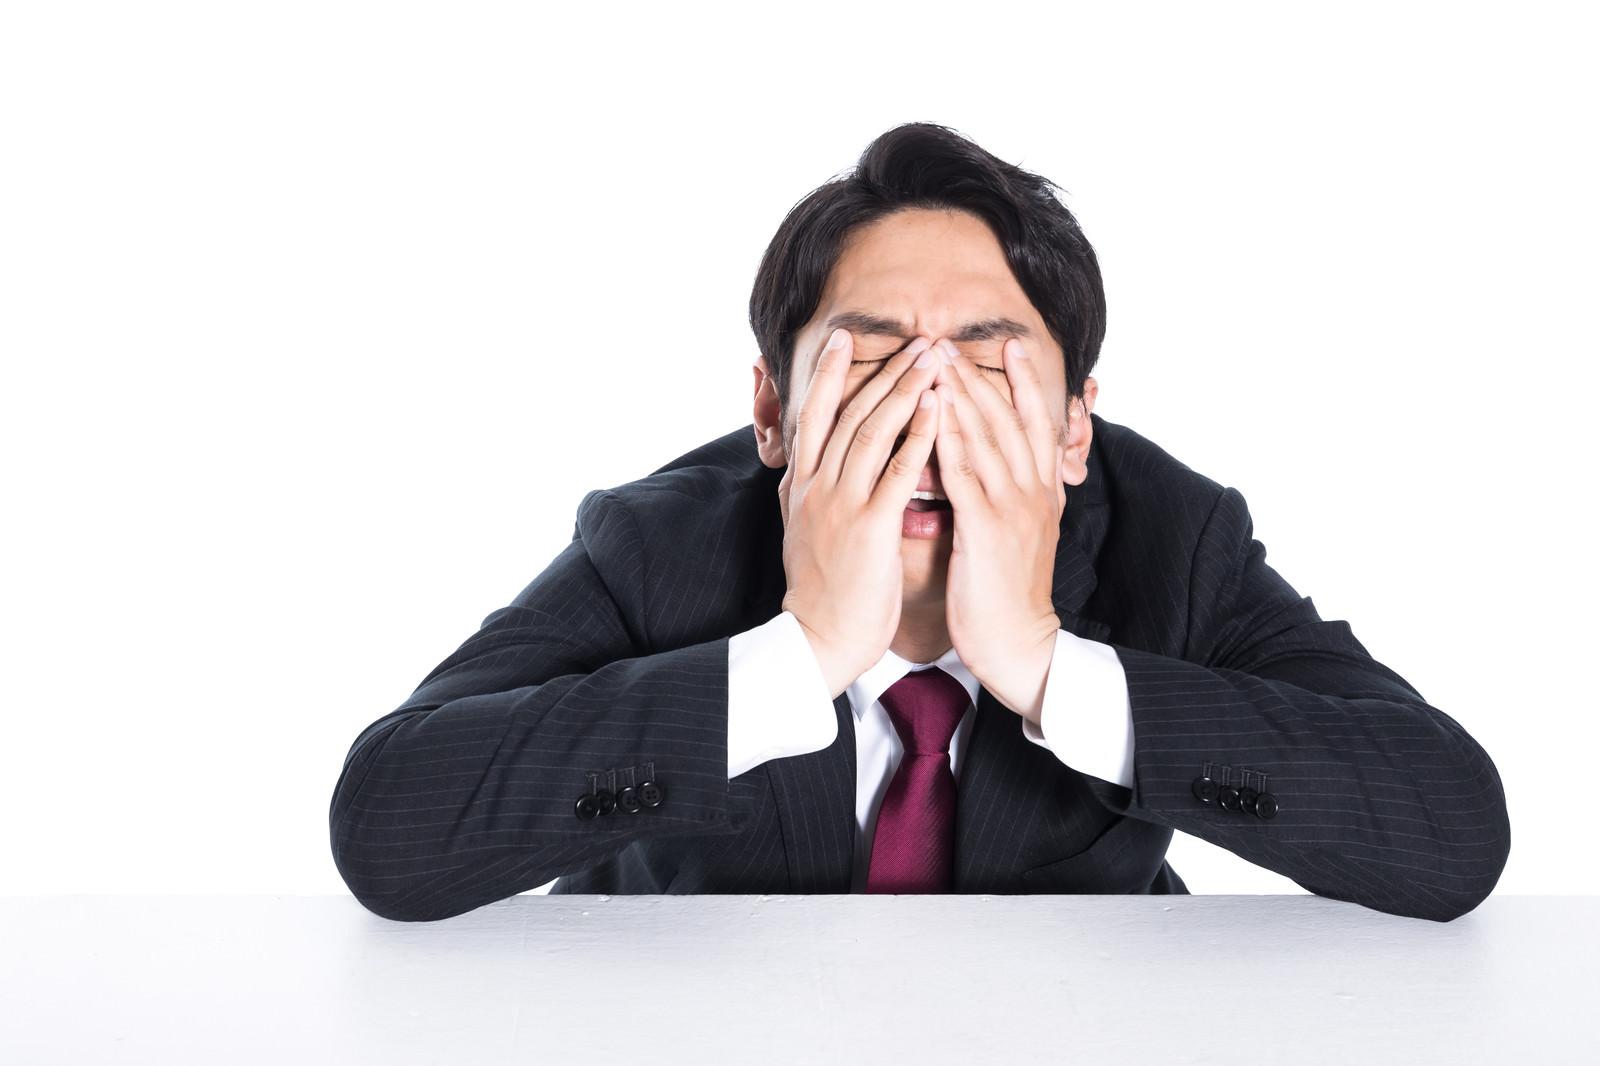 「こんなブラック企業で働きたくないと苦しむ35年ローン男性」の写真[モデル:大川竜弥]